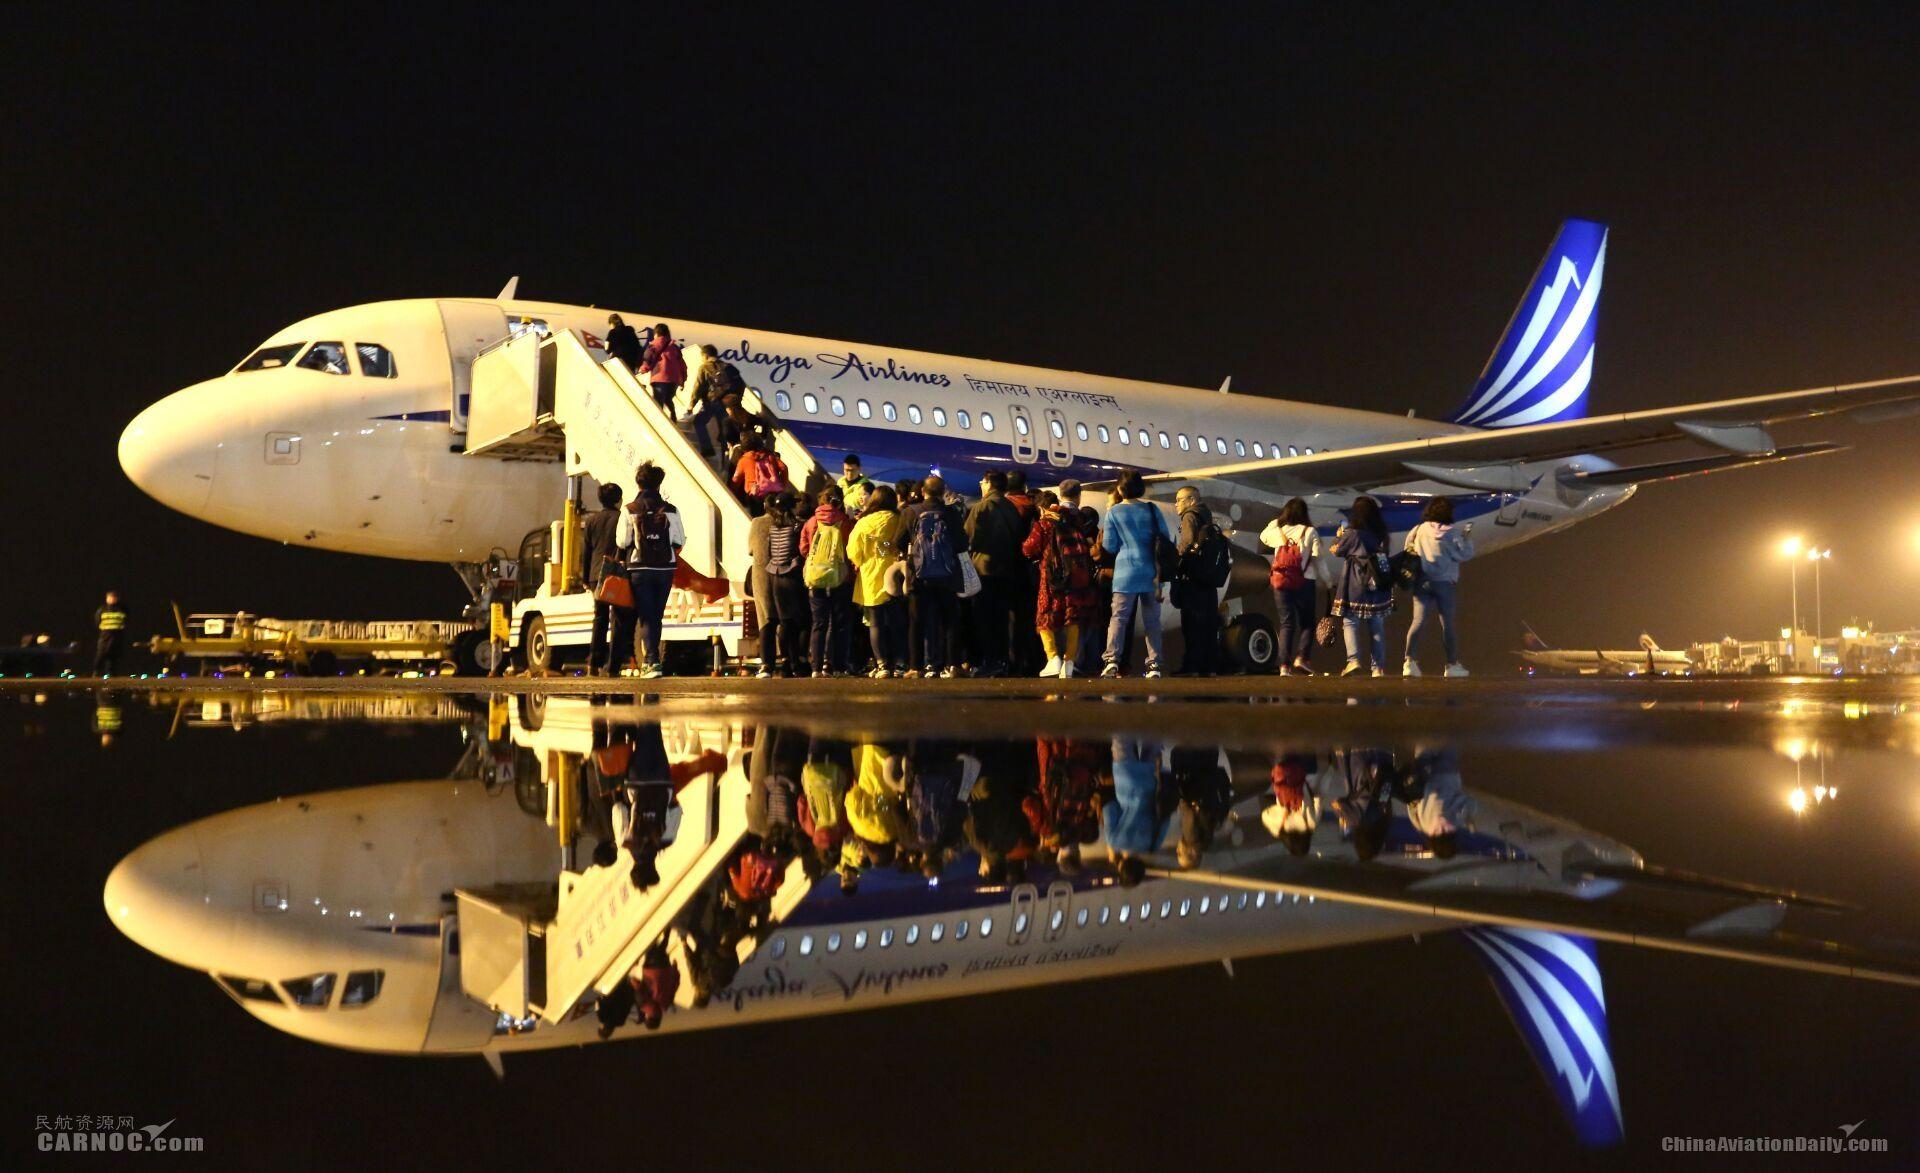 喜马拉雅航空首飞中国航线:重庆直飞加德满都